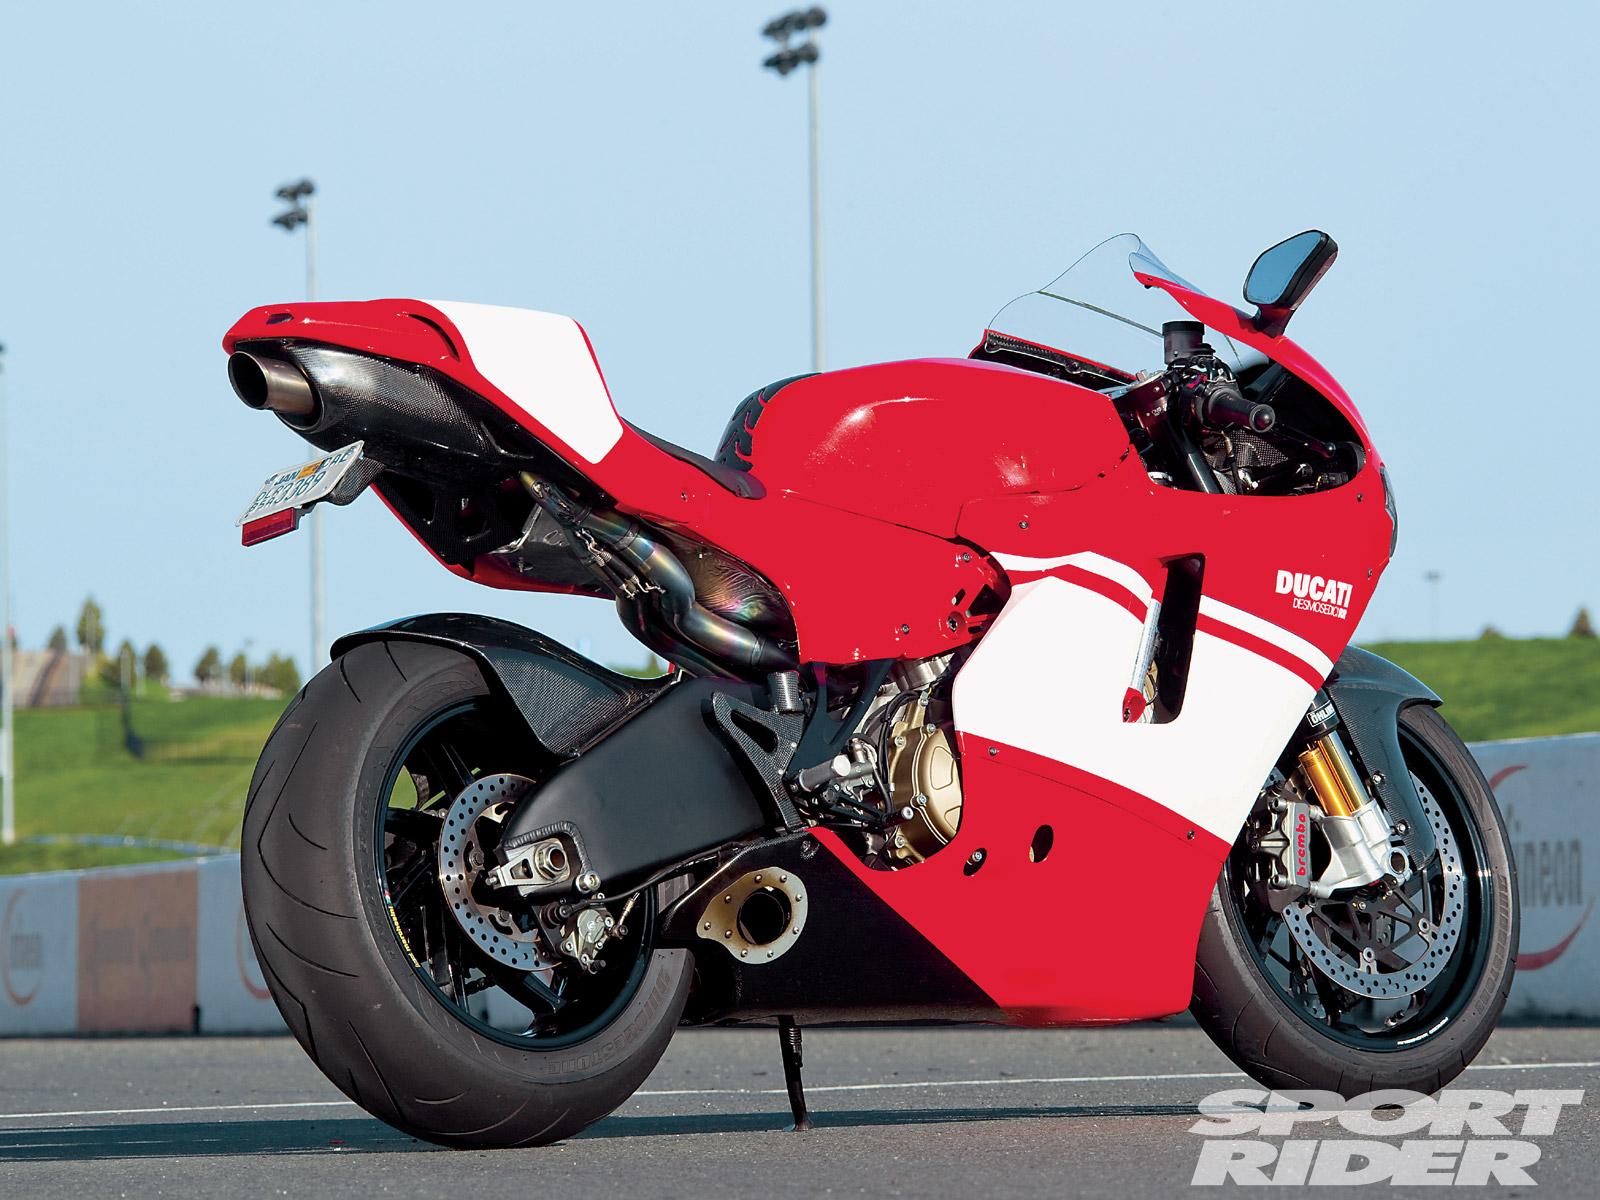 Fast Bikes Online Ducati Desmosedici Rr 2011